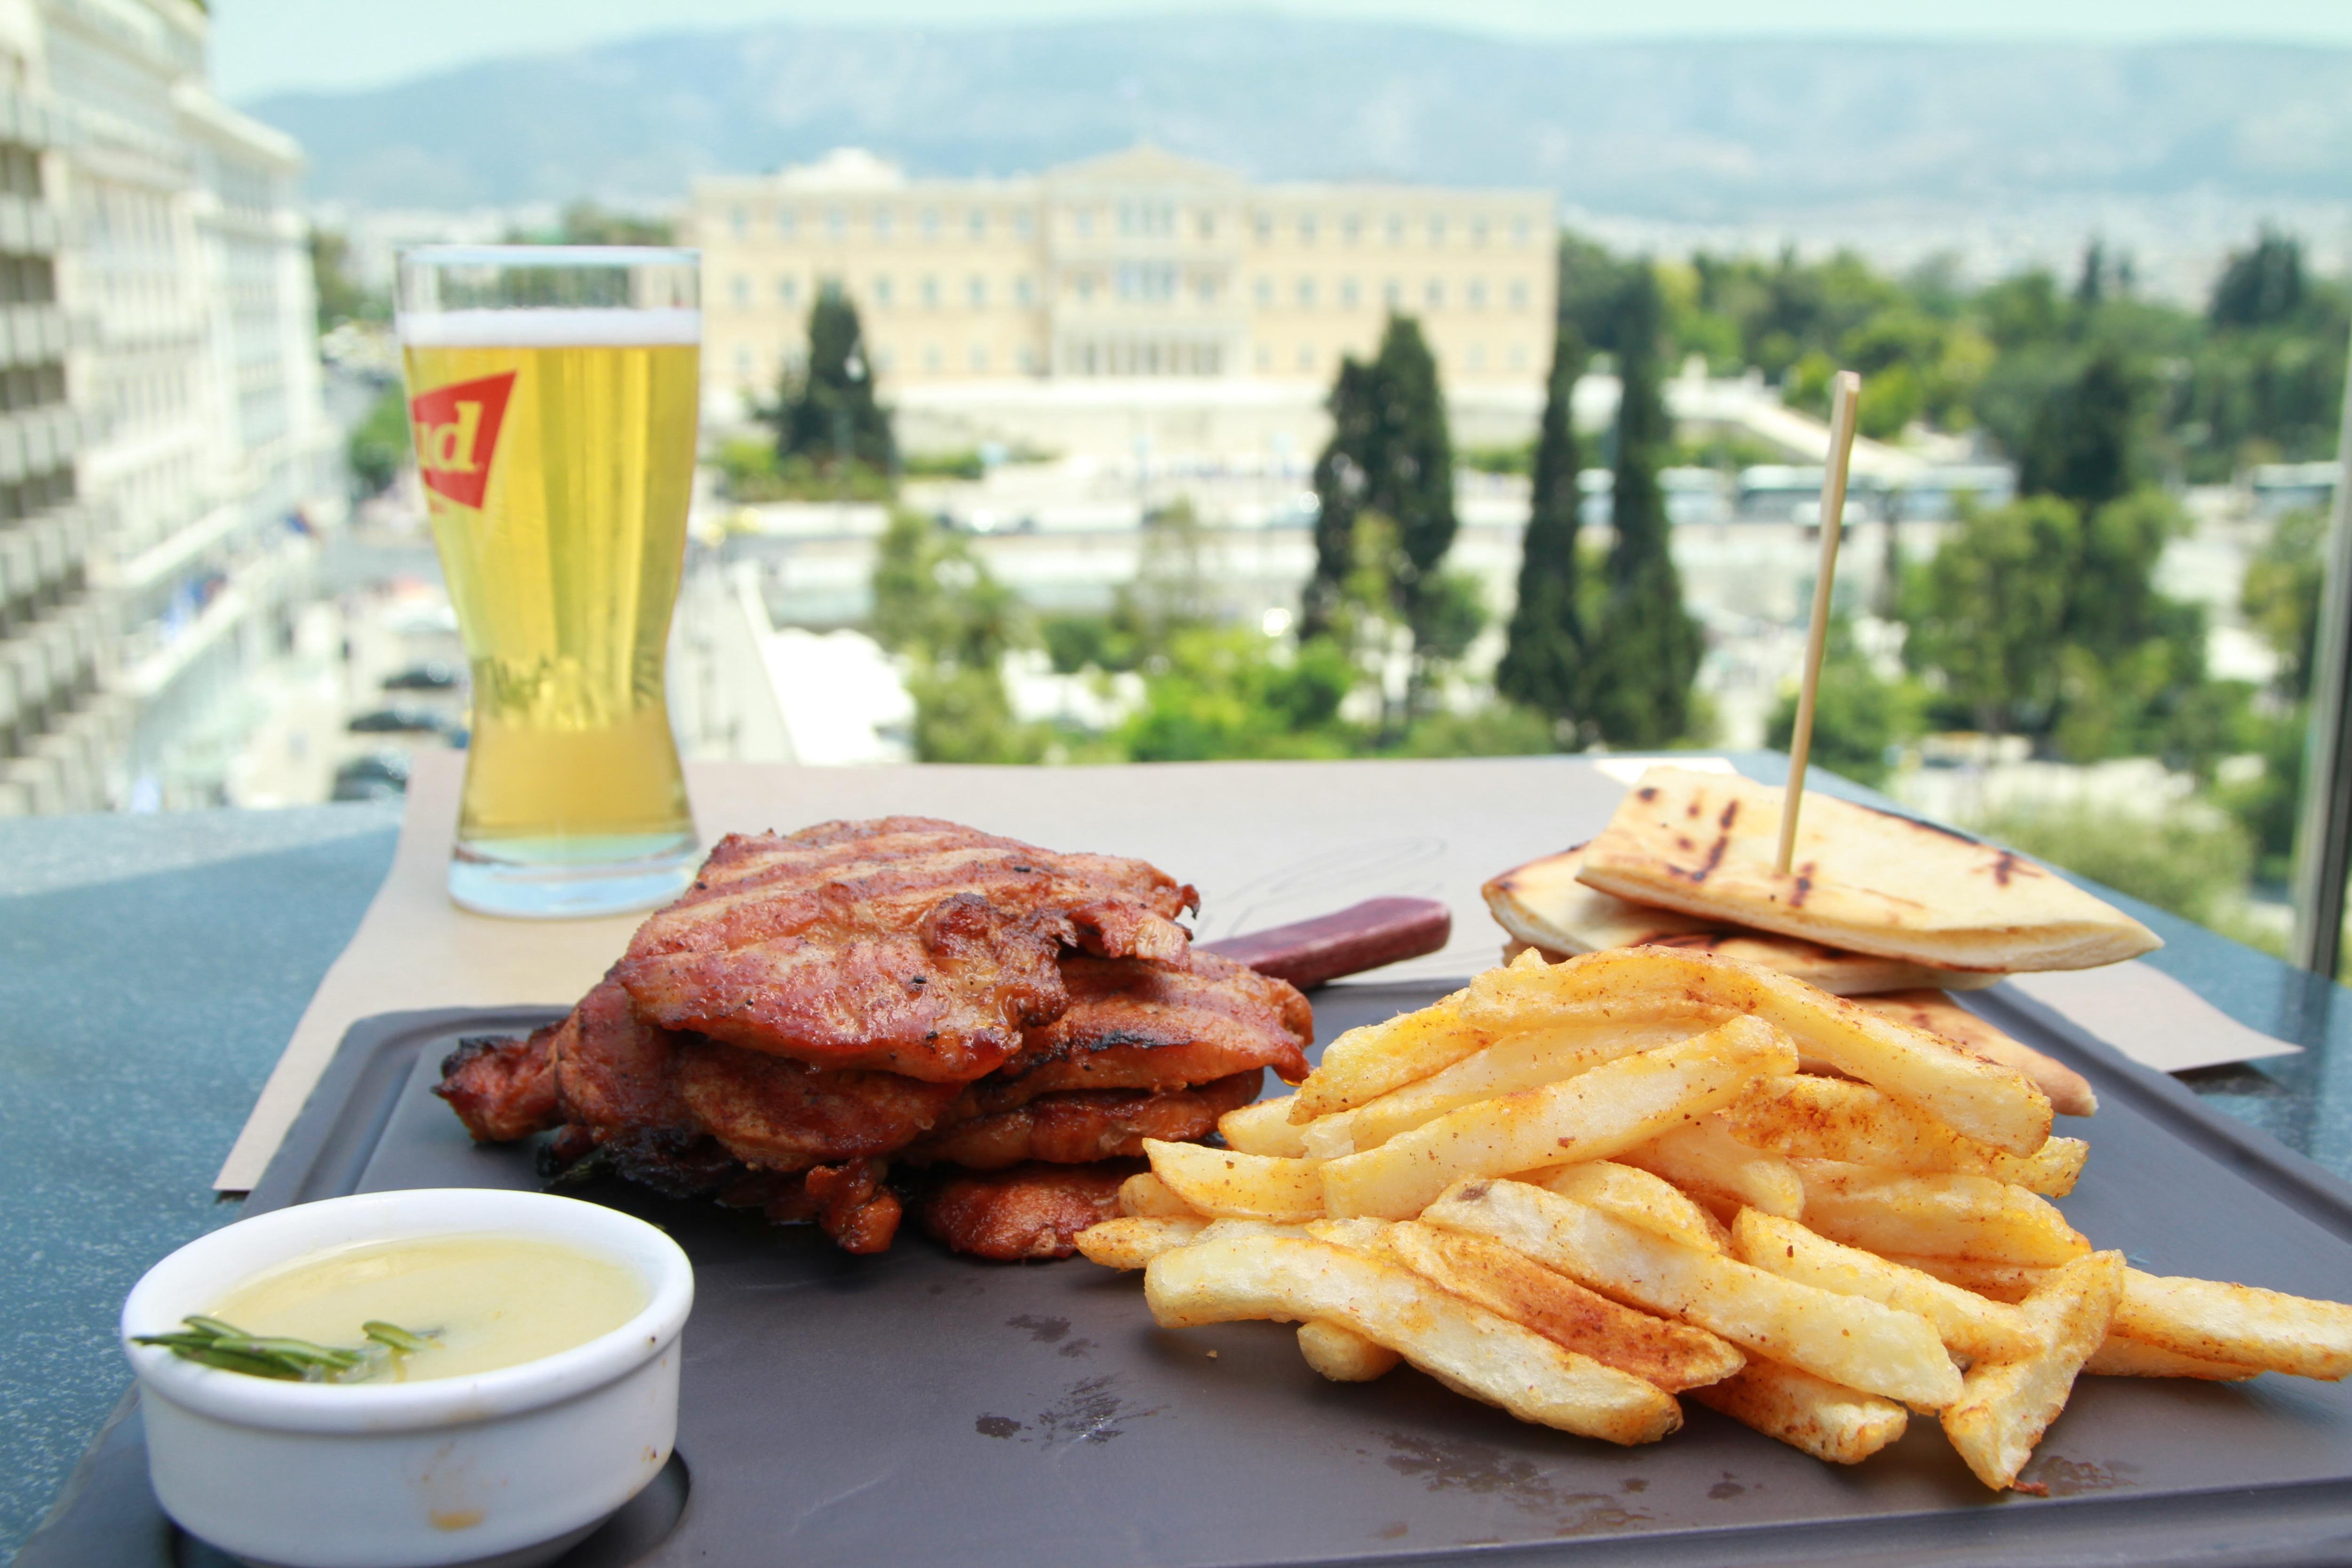 Εάν δεν έχετε όρεξη για μαγειρέματα, απολαύστε το γεύμα σας στο Public Cafe!